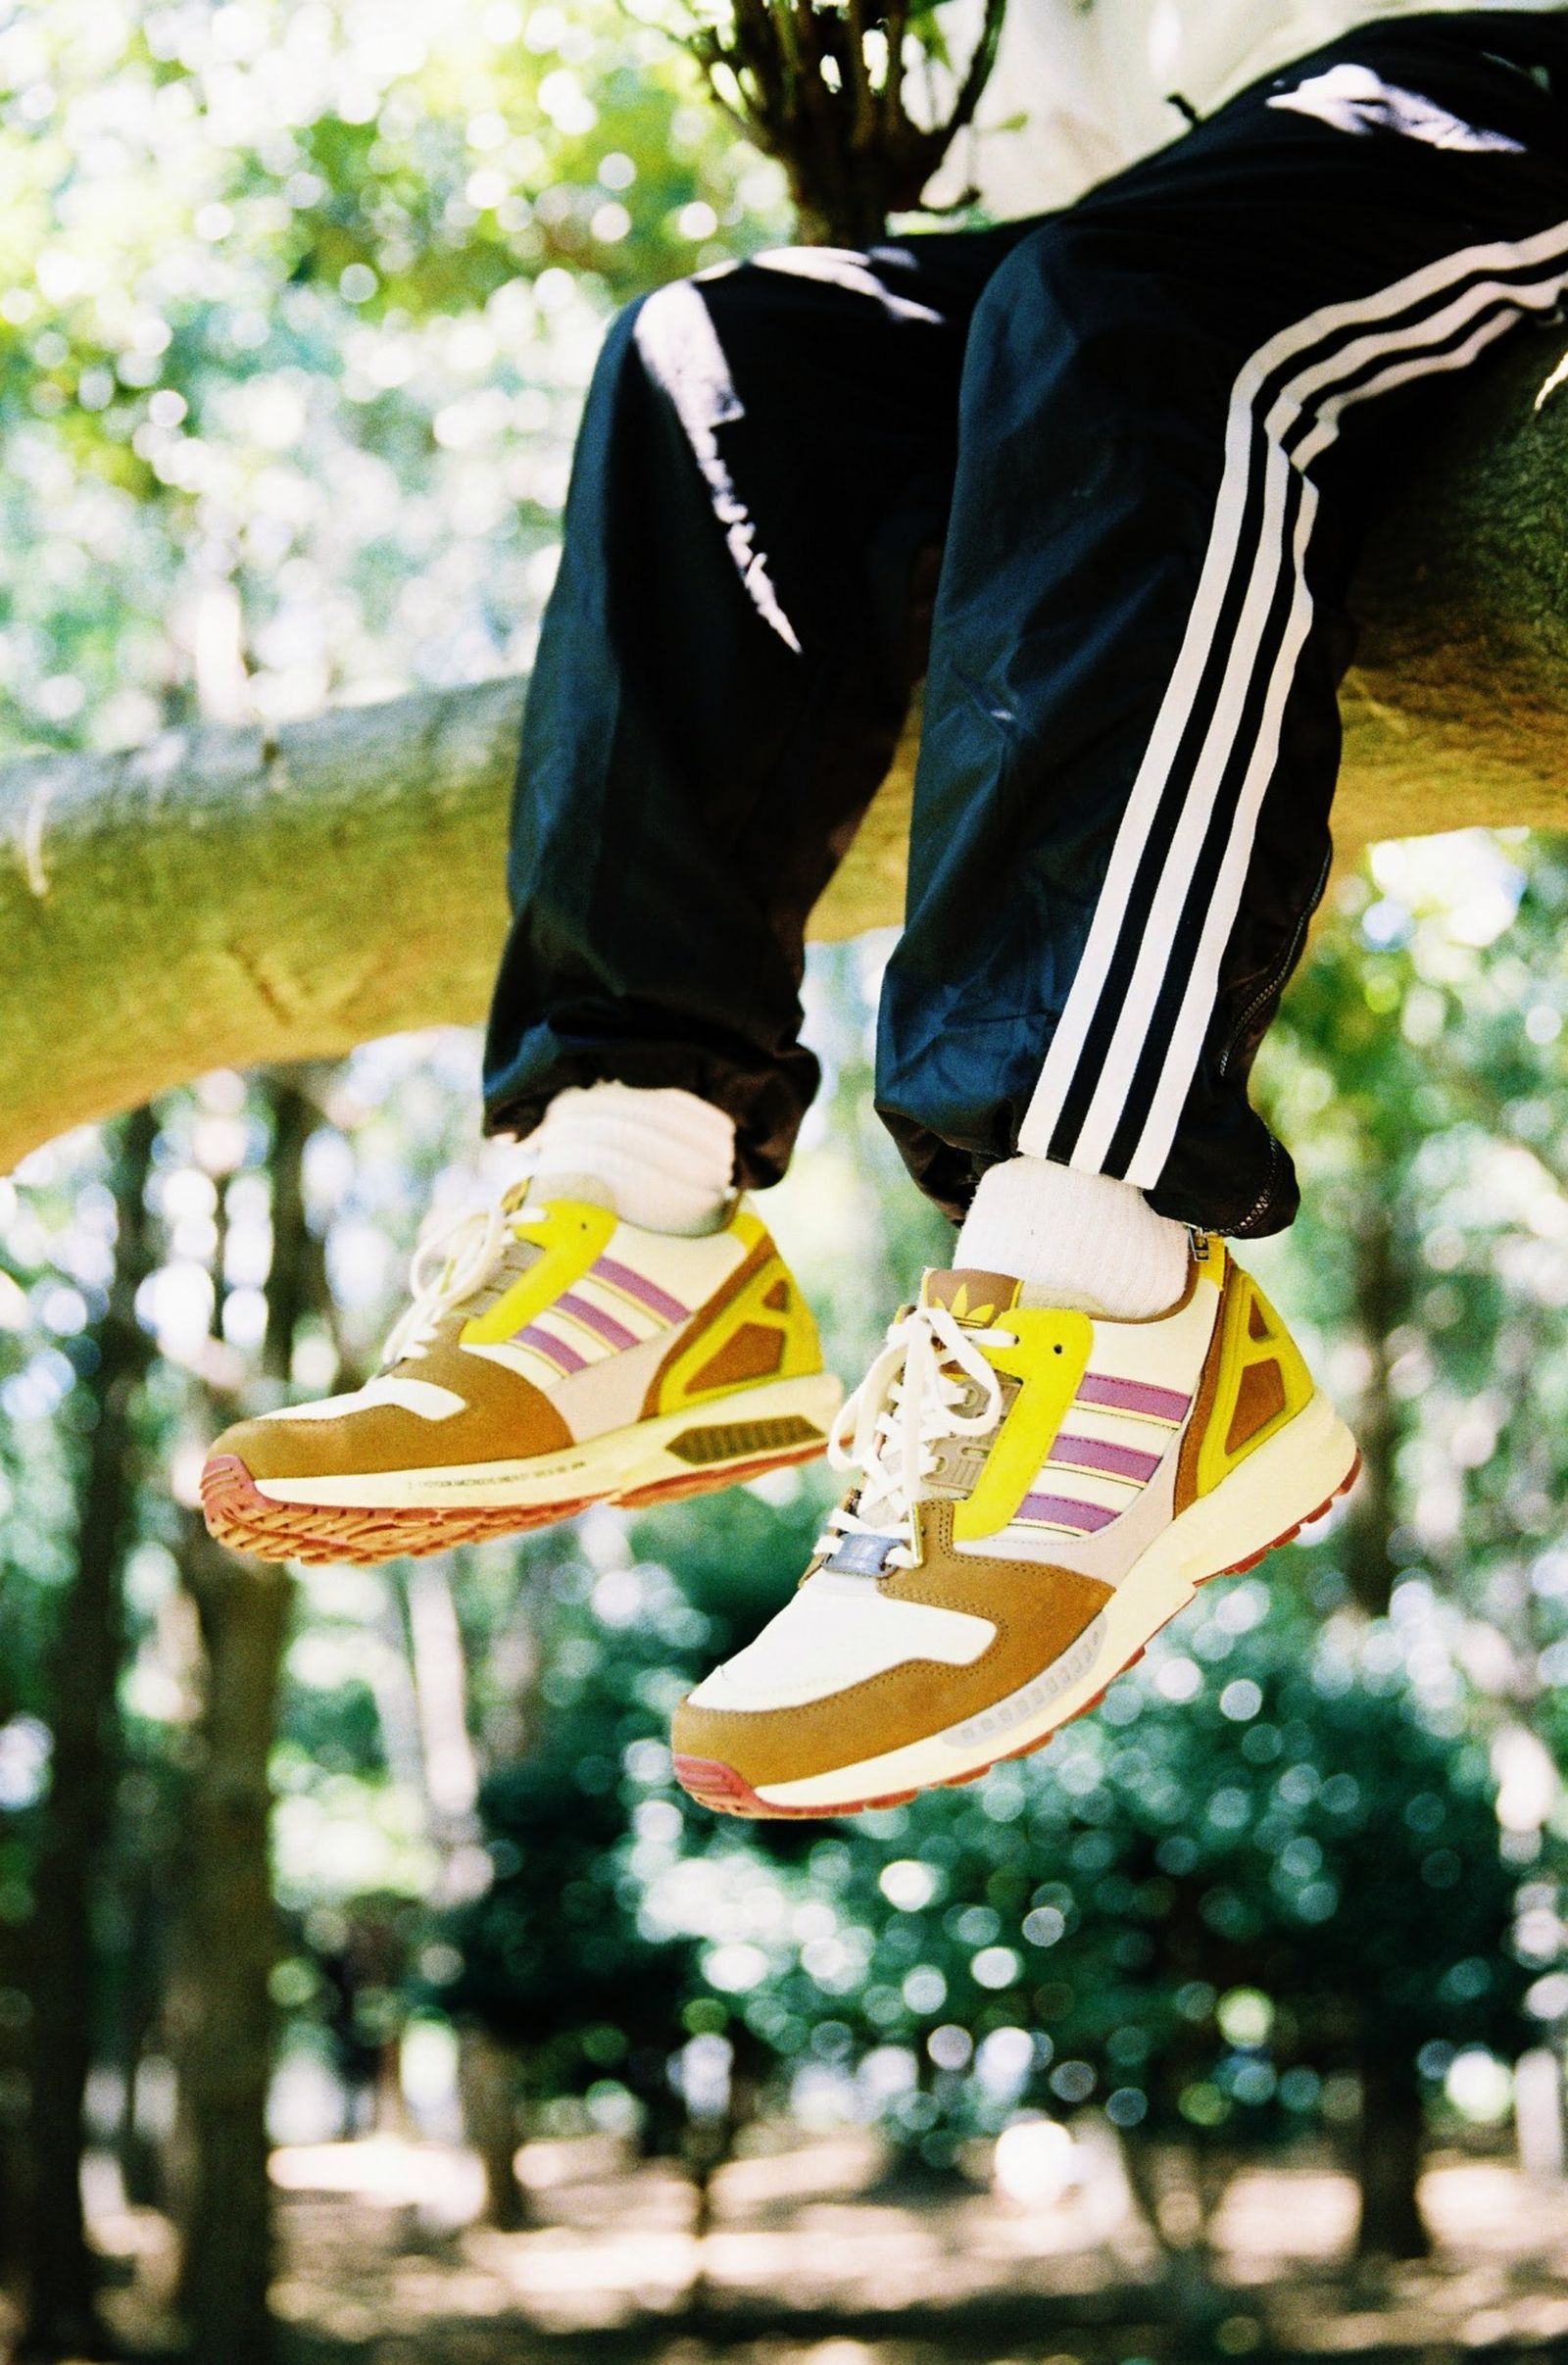 adidas-originals-atmos-yoyogi-park-pack-lb-10